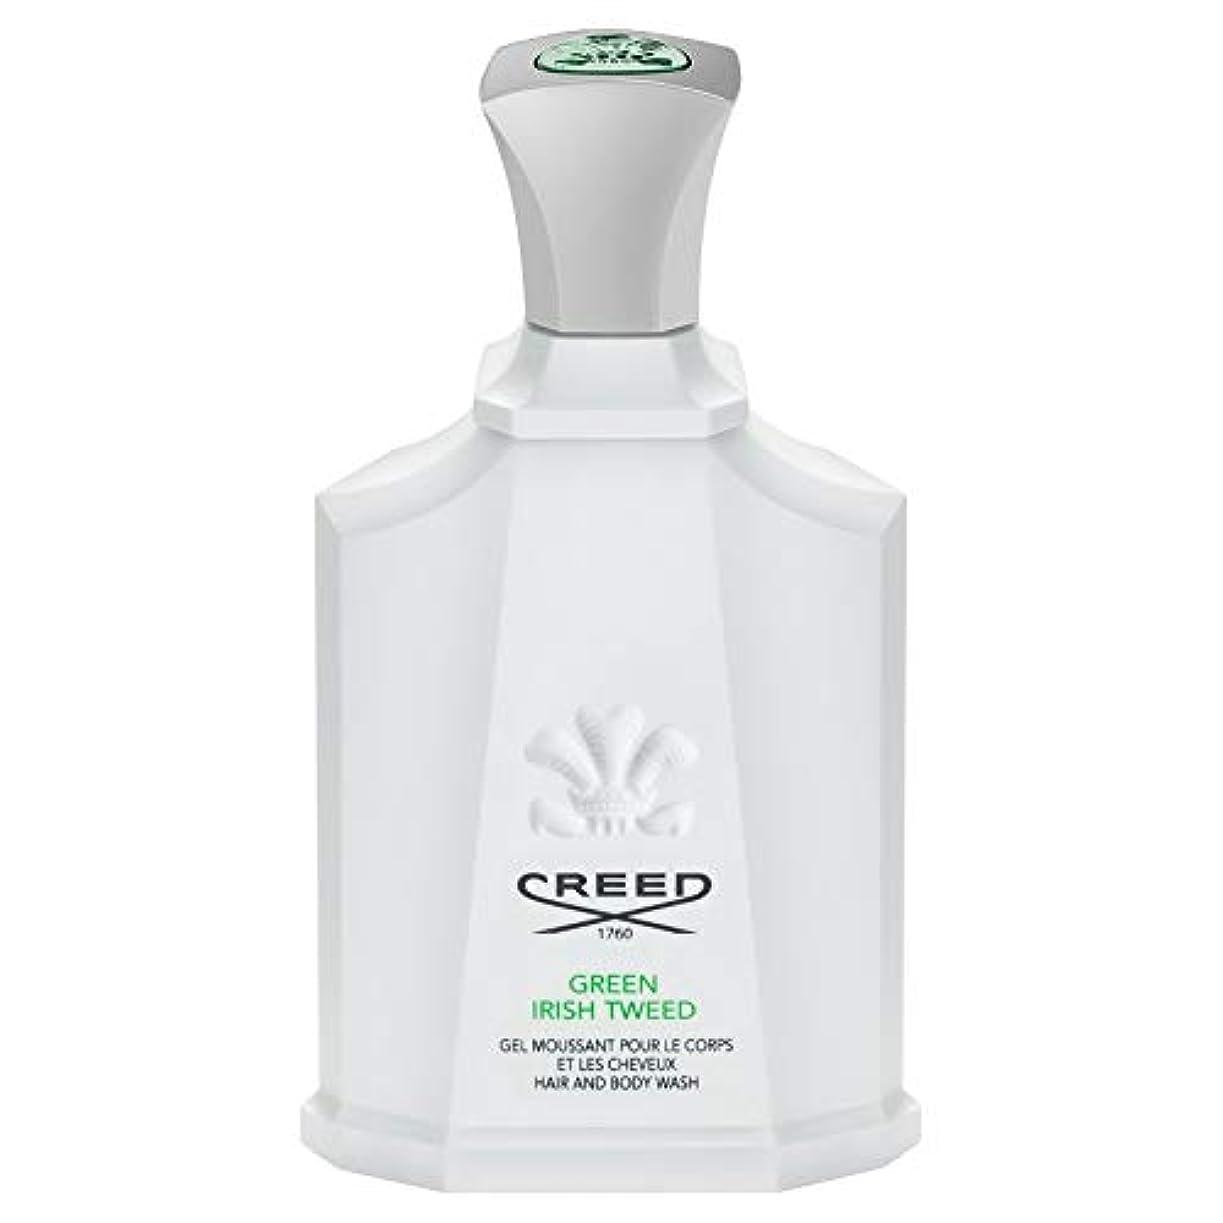 理論侵略座る[Creed ] 信条グリーンアイリッシュツイードシャワージェル200Ml - CREED Green Irish Tweed Shower Gel 200ml [並行輸入品]